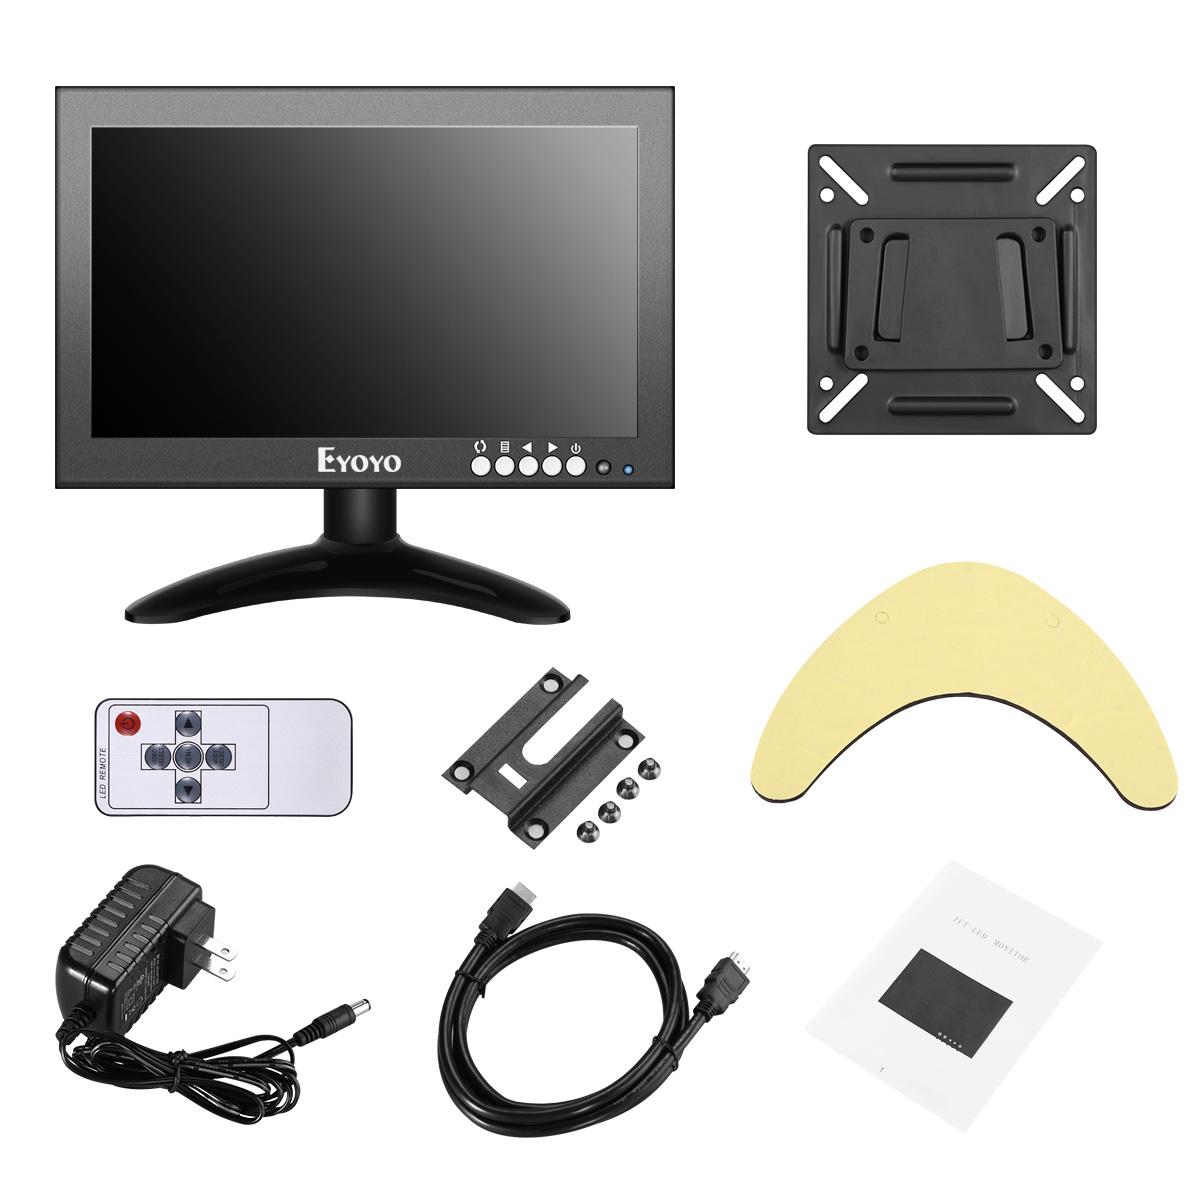 HAIER TV AC Power Cord Cable L42B1180 LE39F32800 LE46A2280 LE42B1380 LE42F2280A